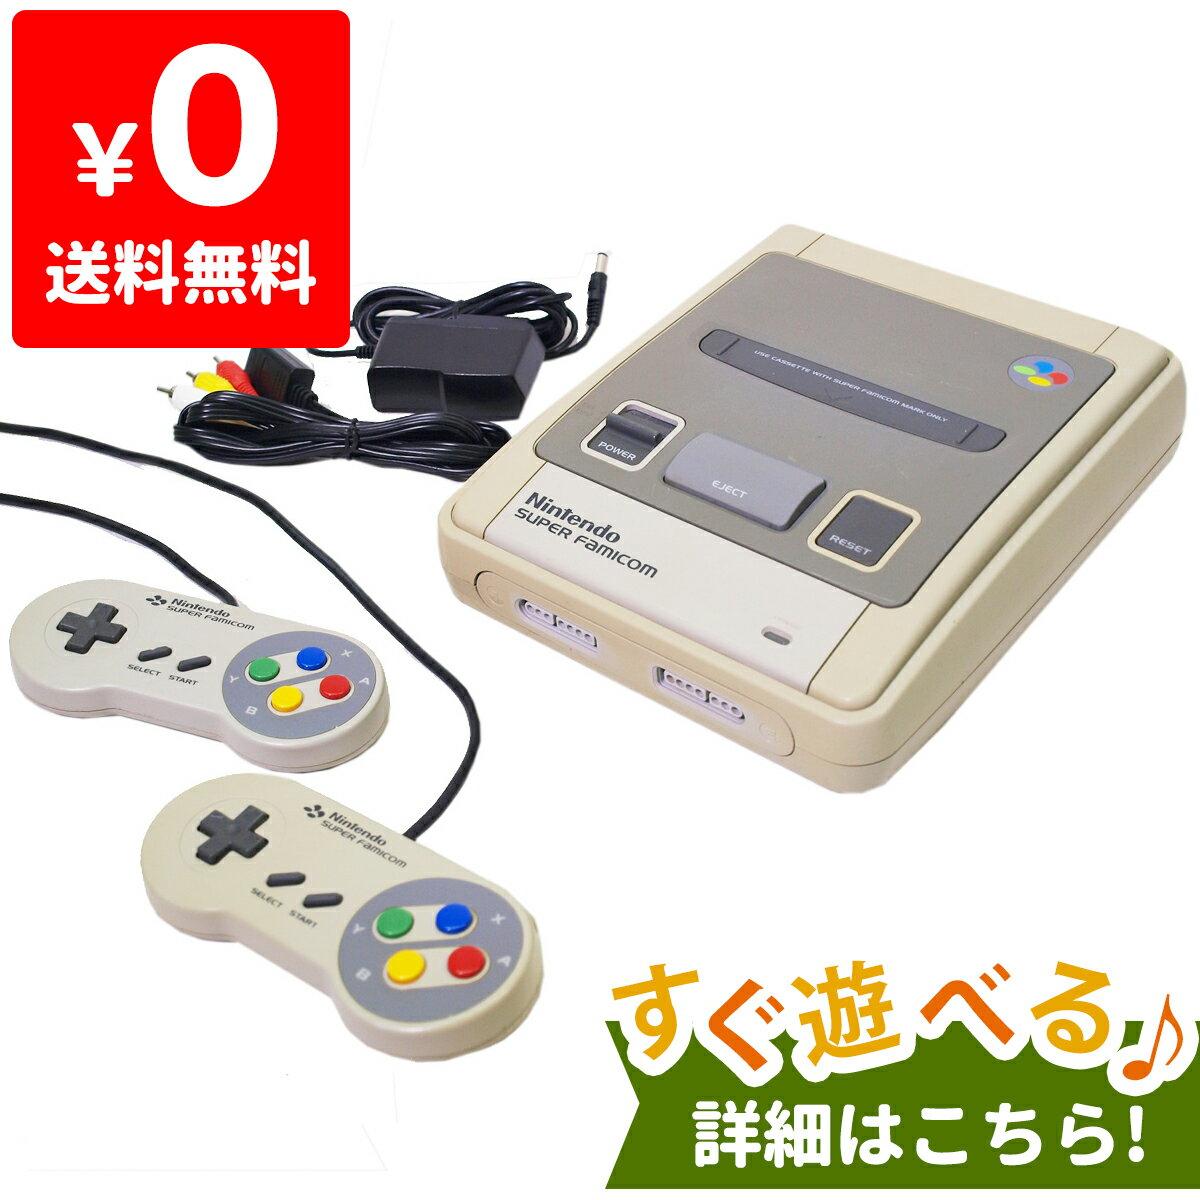 【送料無料】【中古】SFC スーパーファミコン コントローラー2個付き 本体 すぐ遊べるセット 4902370501148